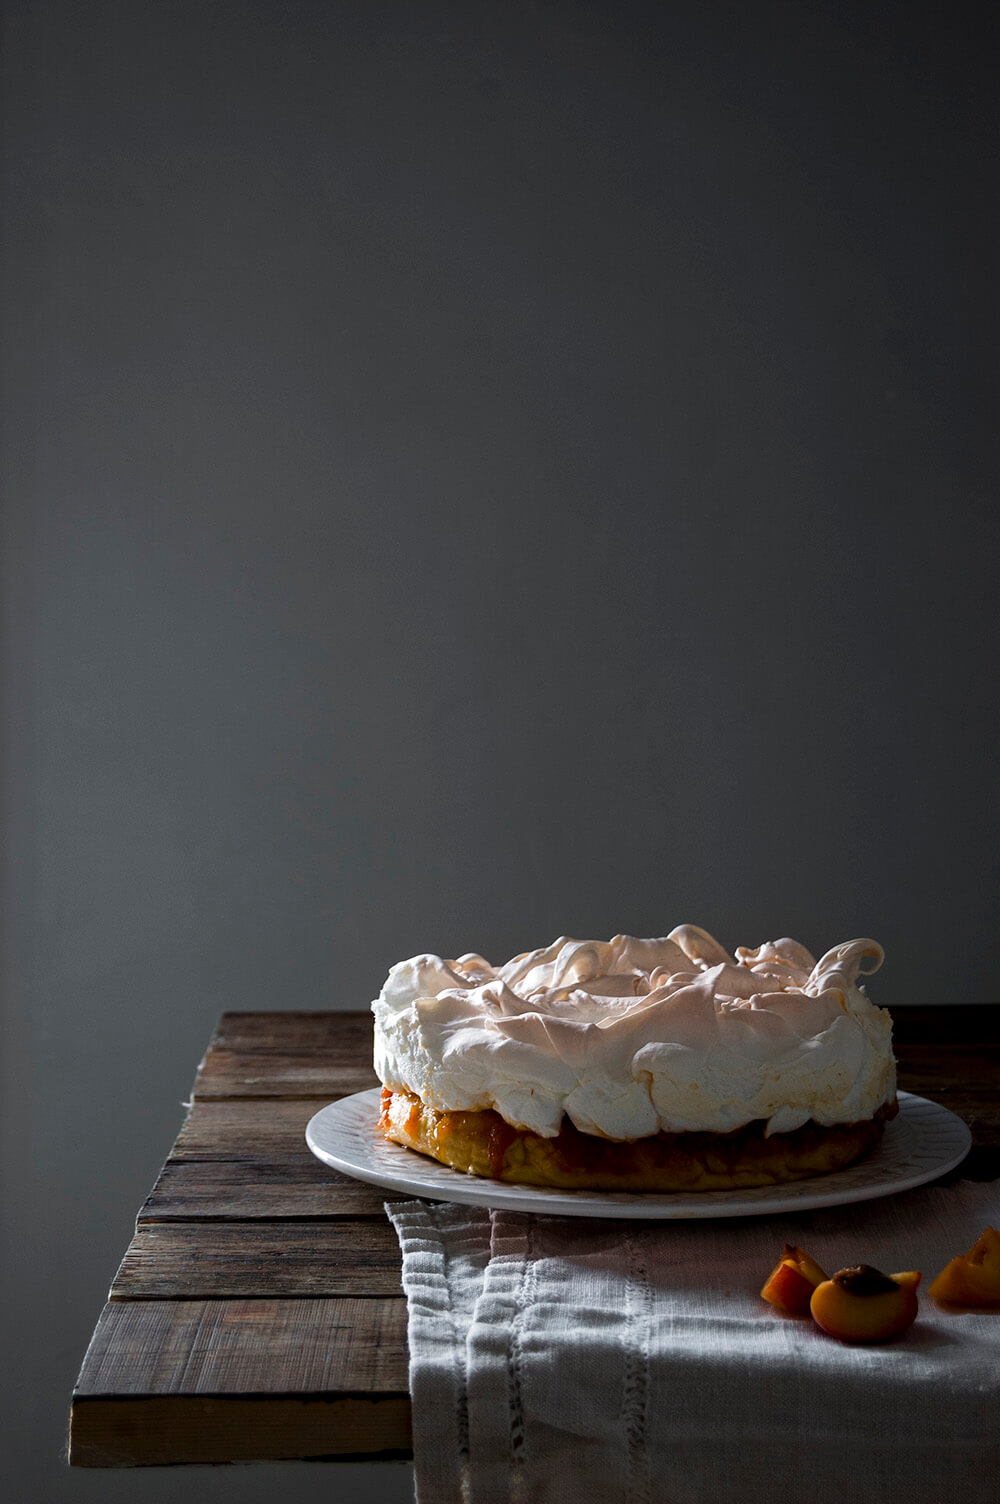 como hacer tarta de merengue y mermelada